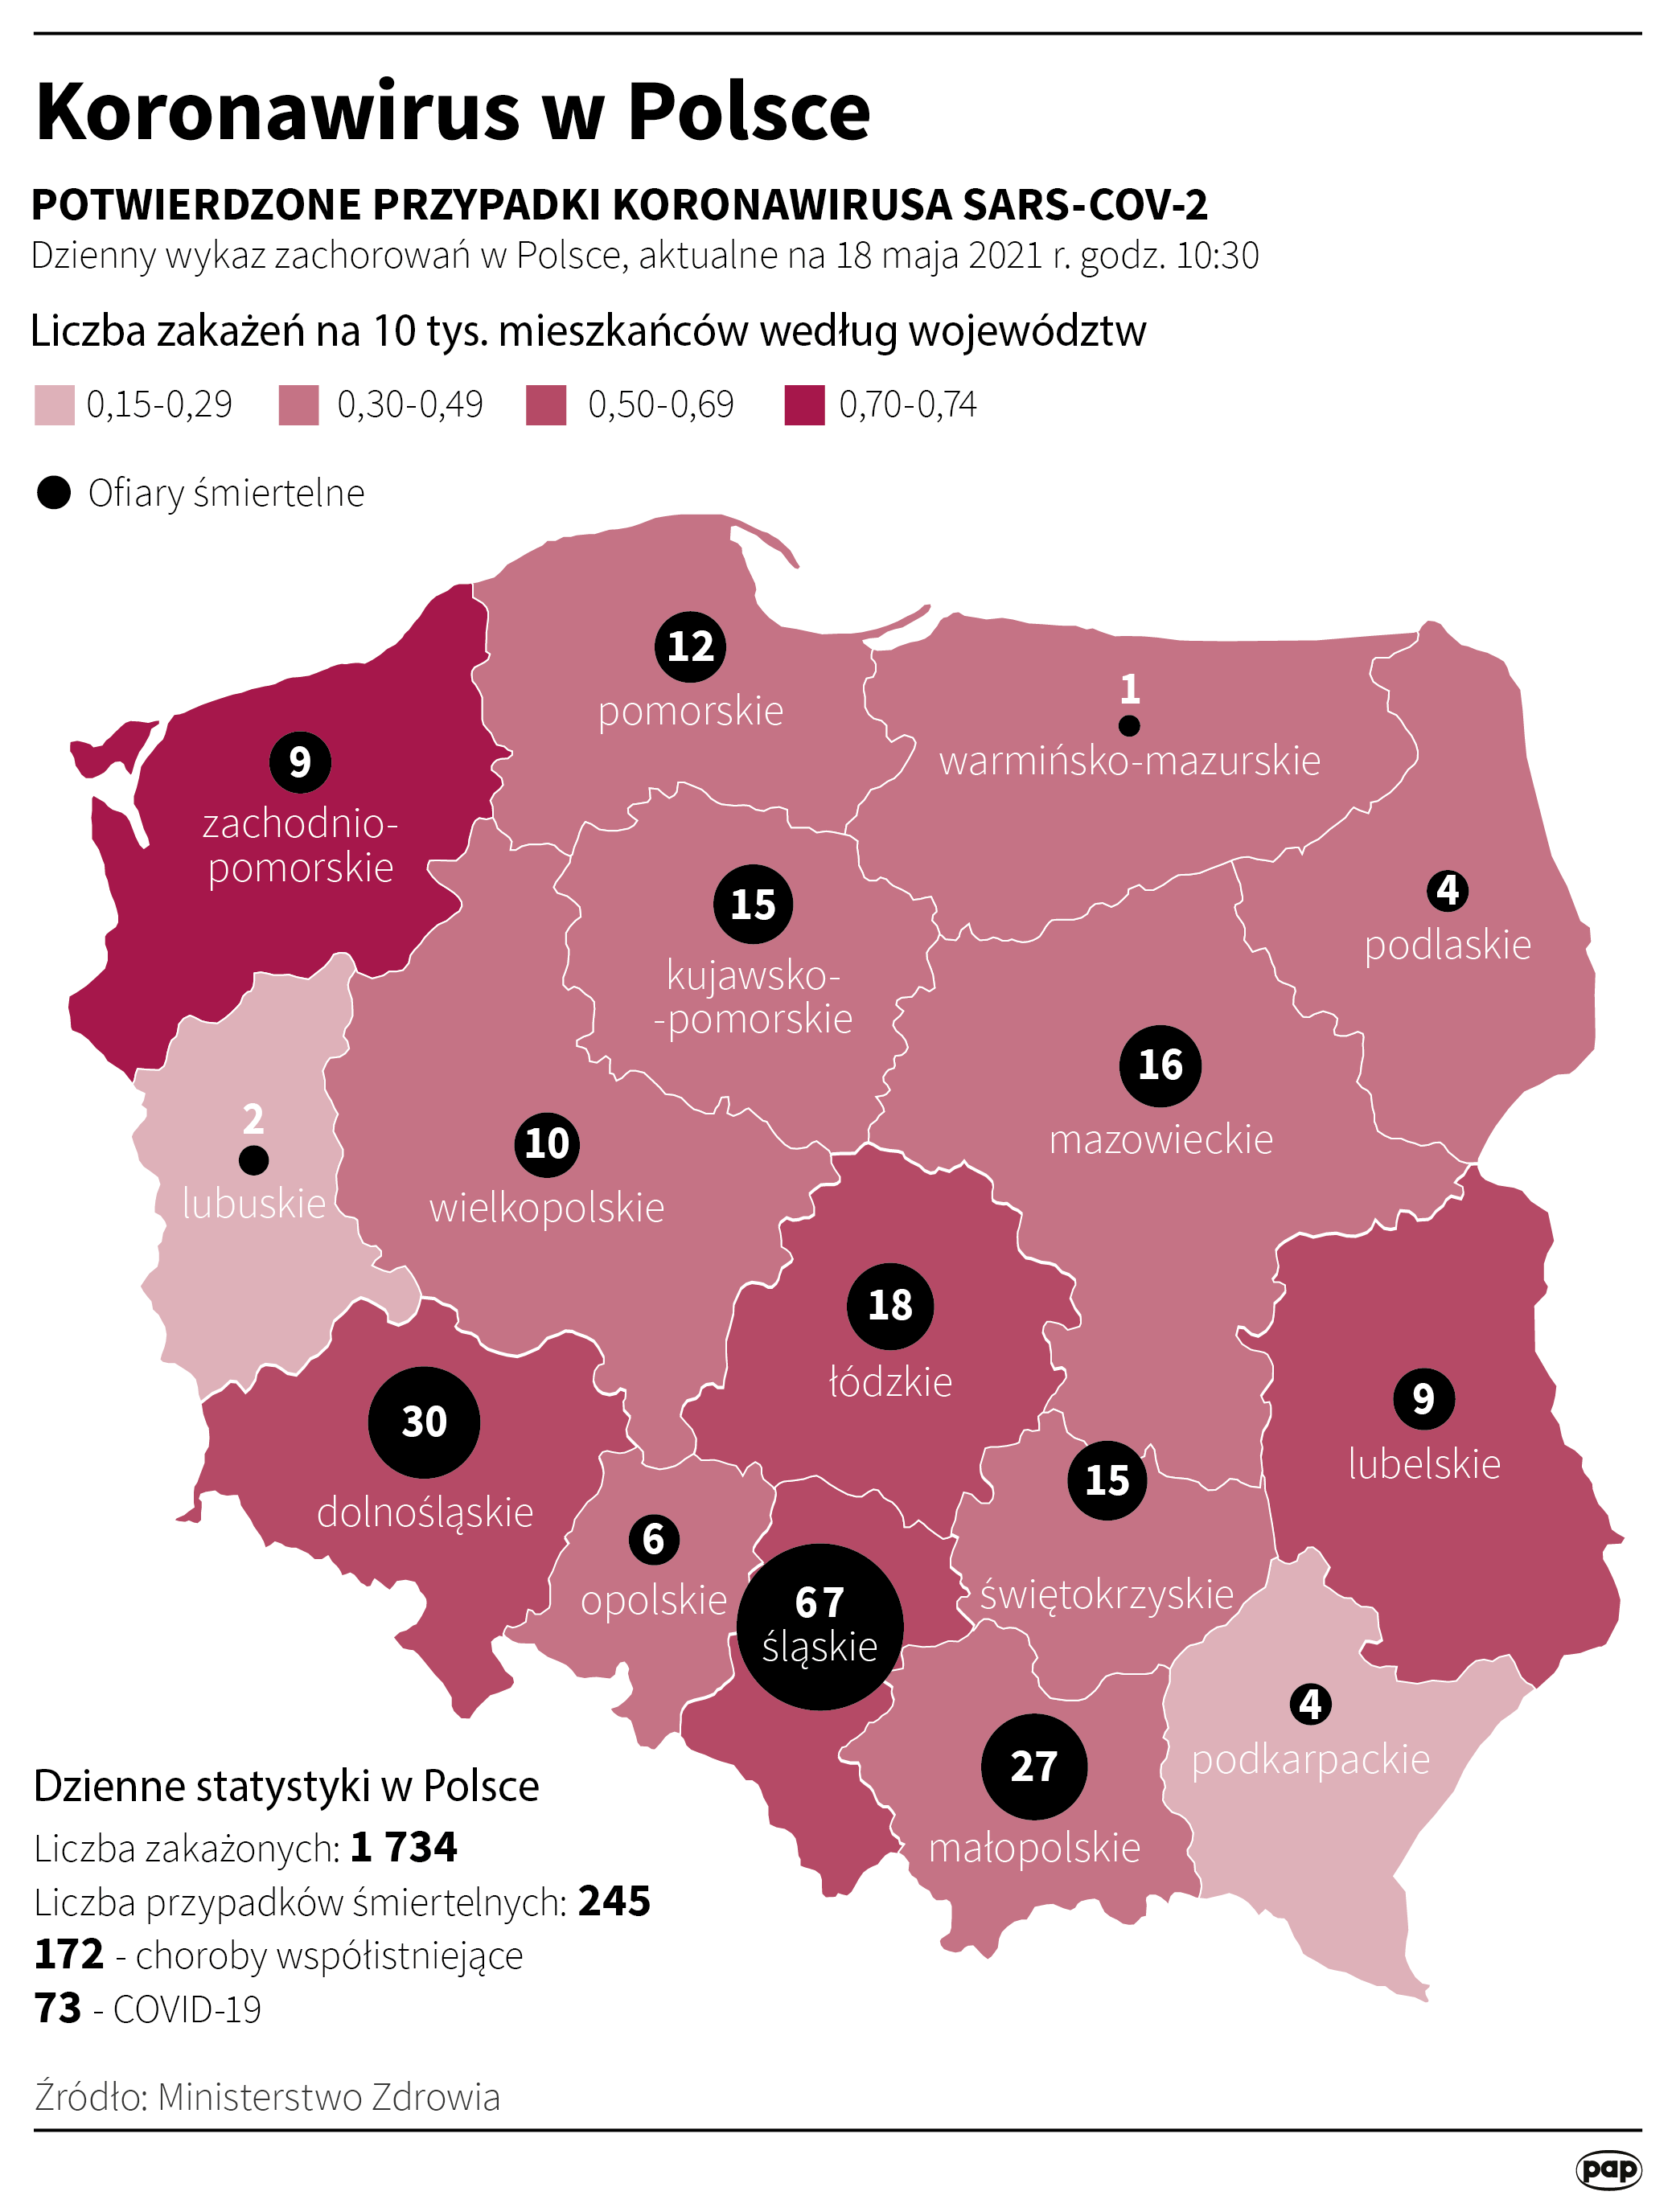 Koronawirus w Polsce - stan na 18 maja [Autor: Maciej Zieliński, źródło: PAP]